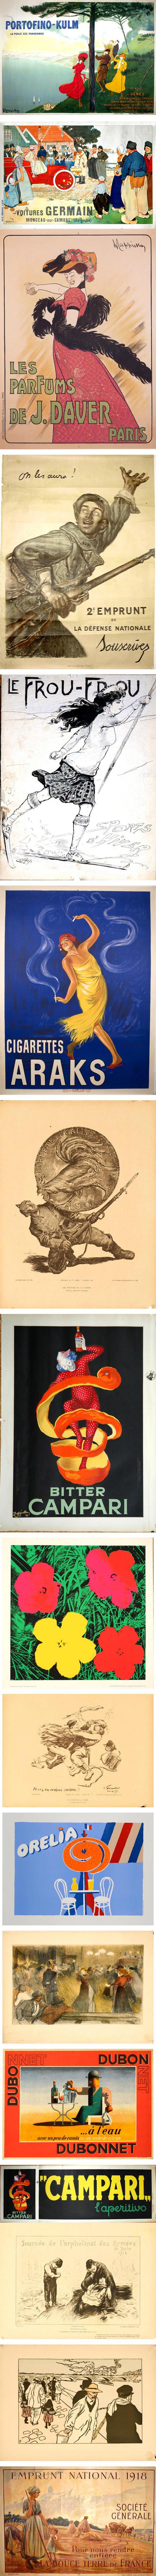 Graphisme & interactivité blog par Geoffrey Dorne » 4000 anciennes affiches à télécharger ! (Lido, Moulin Rouge, Dior, Campari, Michelin, Perrier, Vuitton, Air France…) | fle&didaktike | Scoop.it